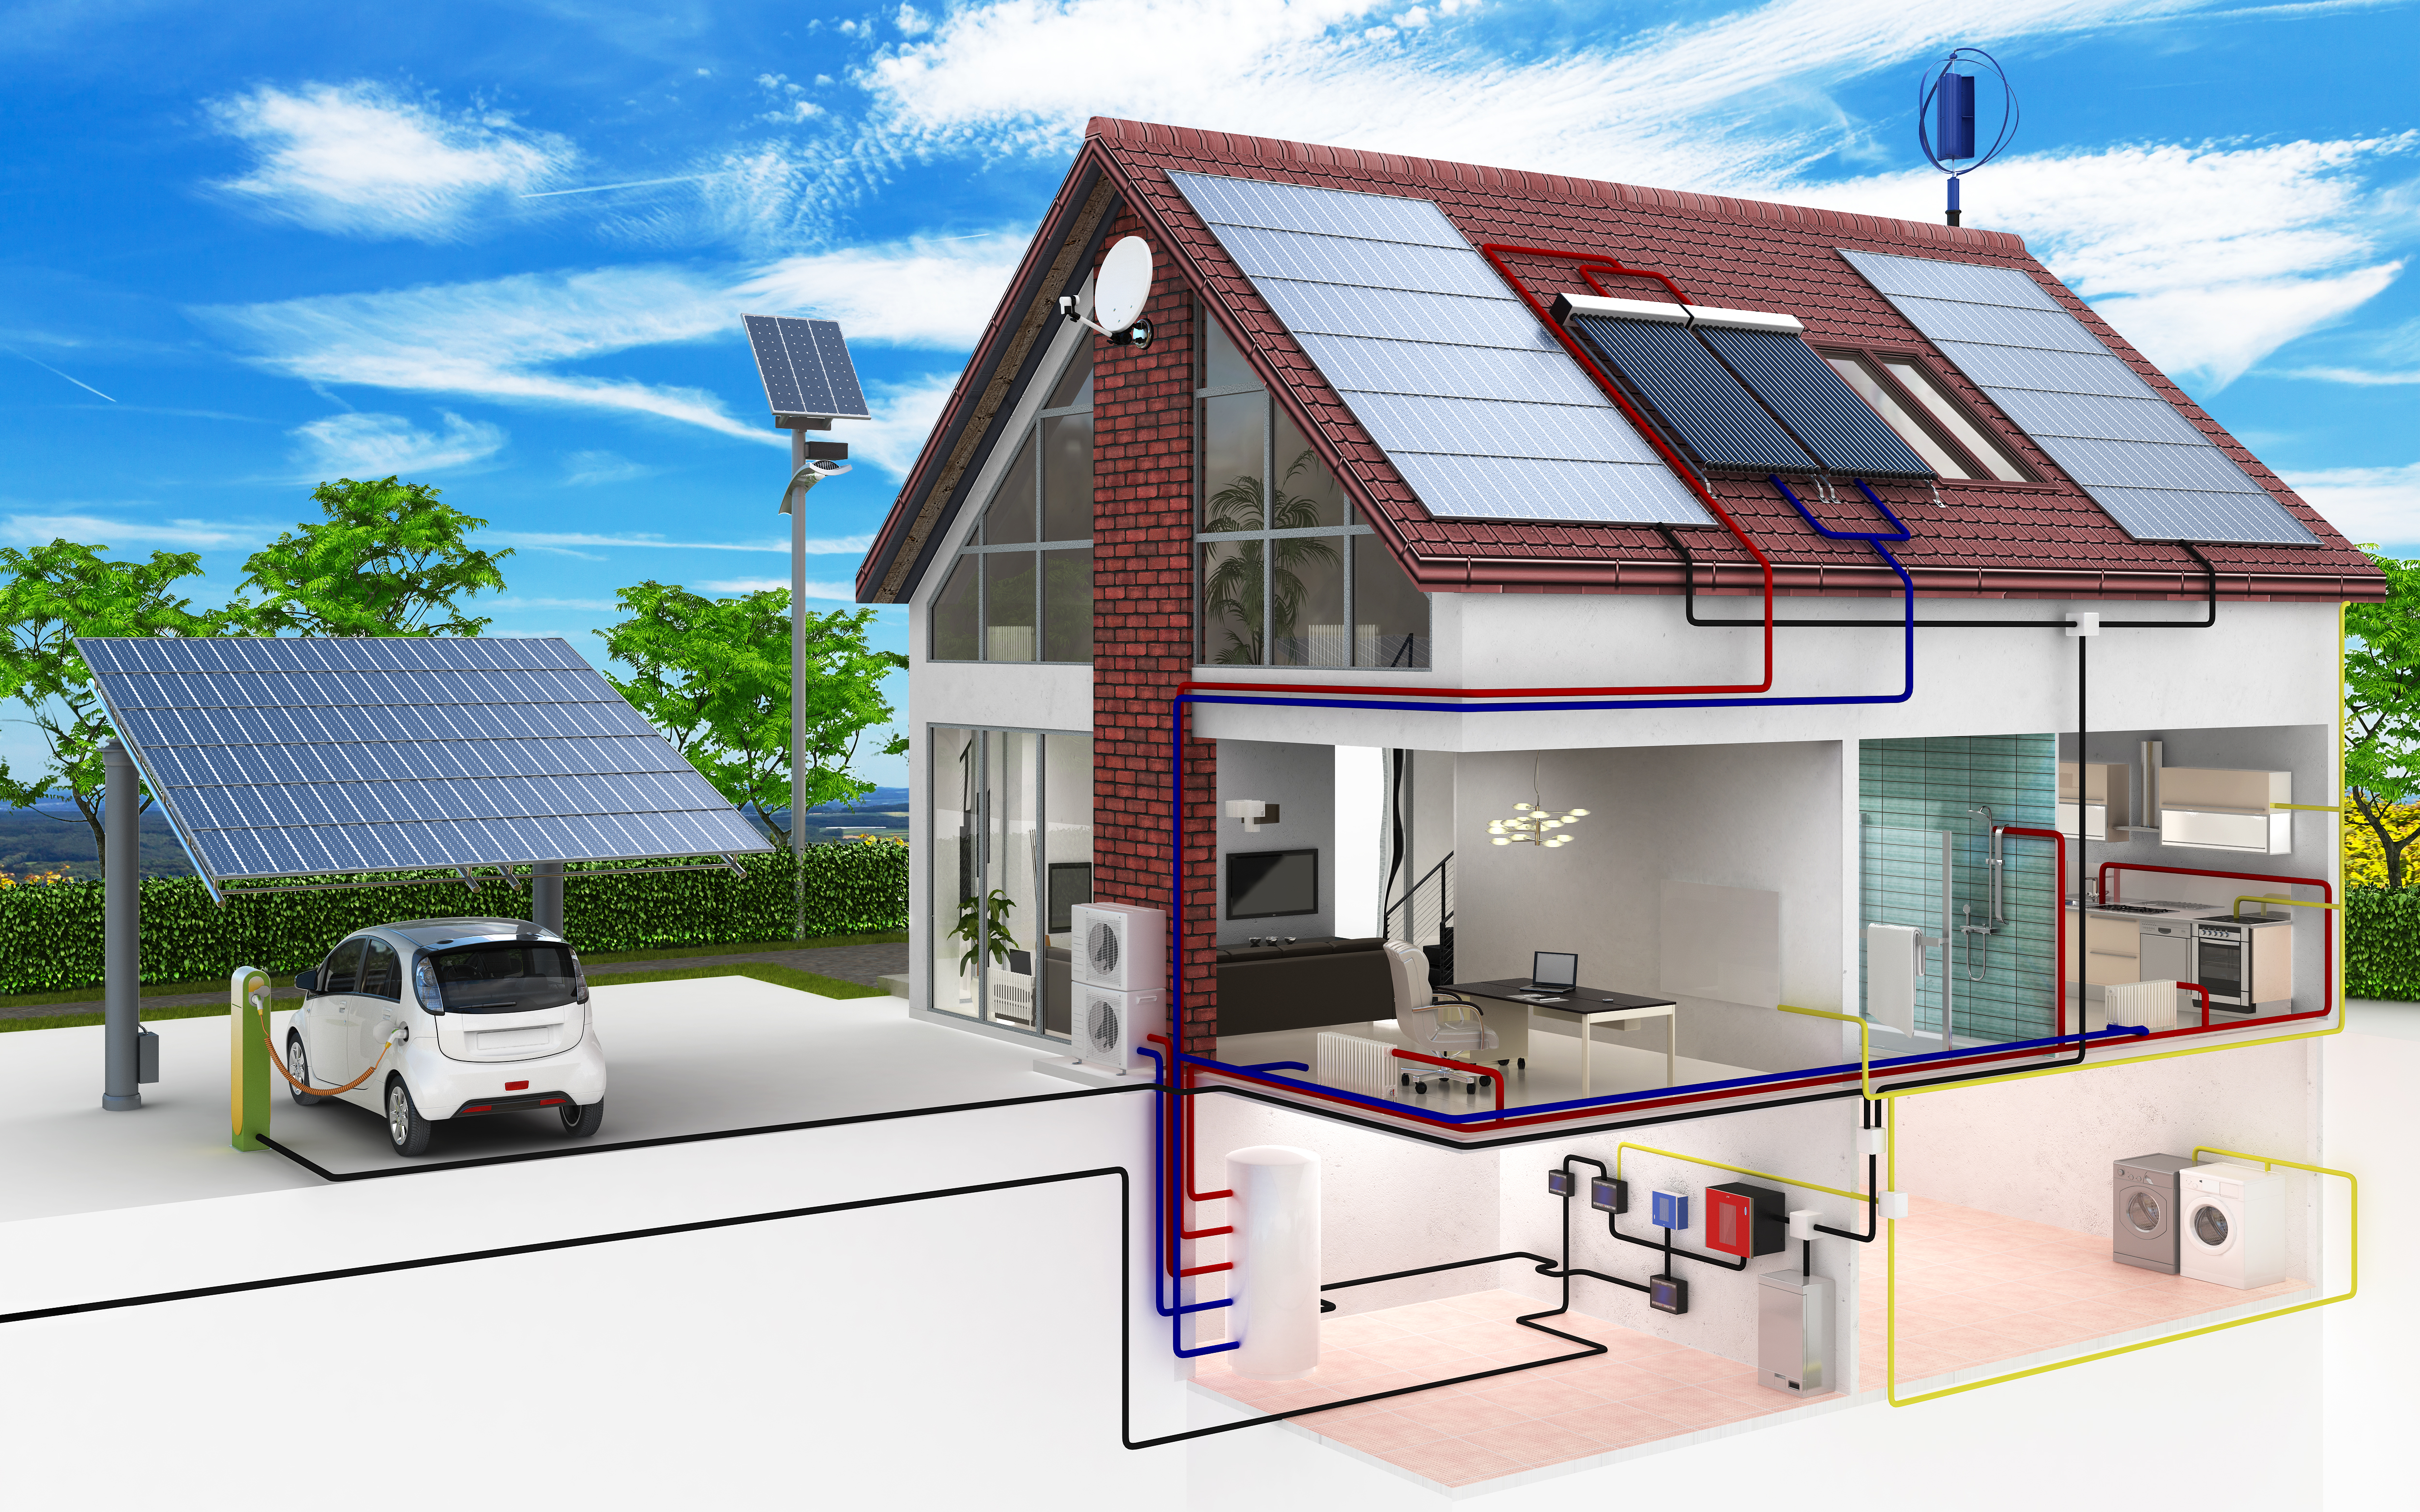 Резервный источник энергии для загородного дома | дом идей